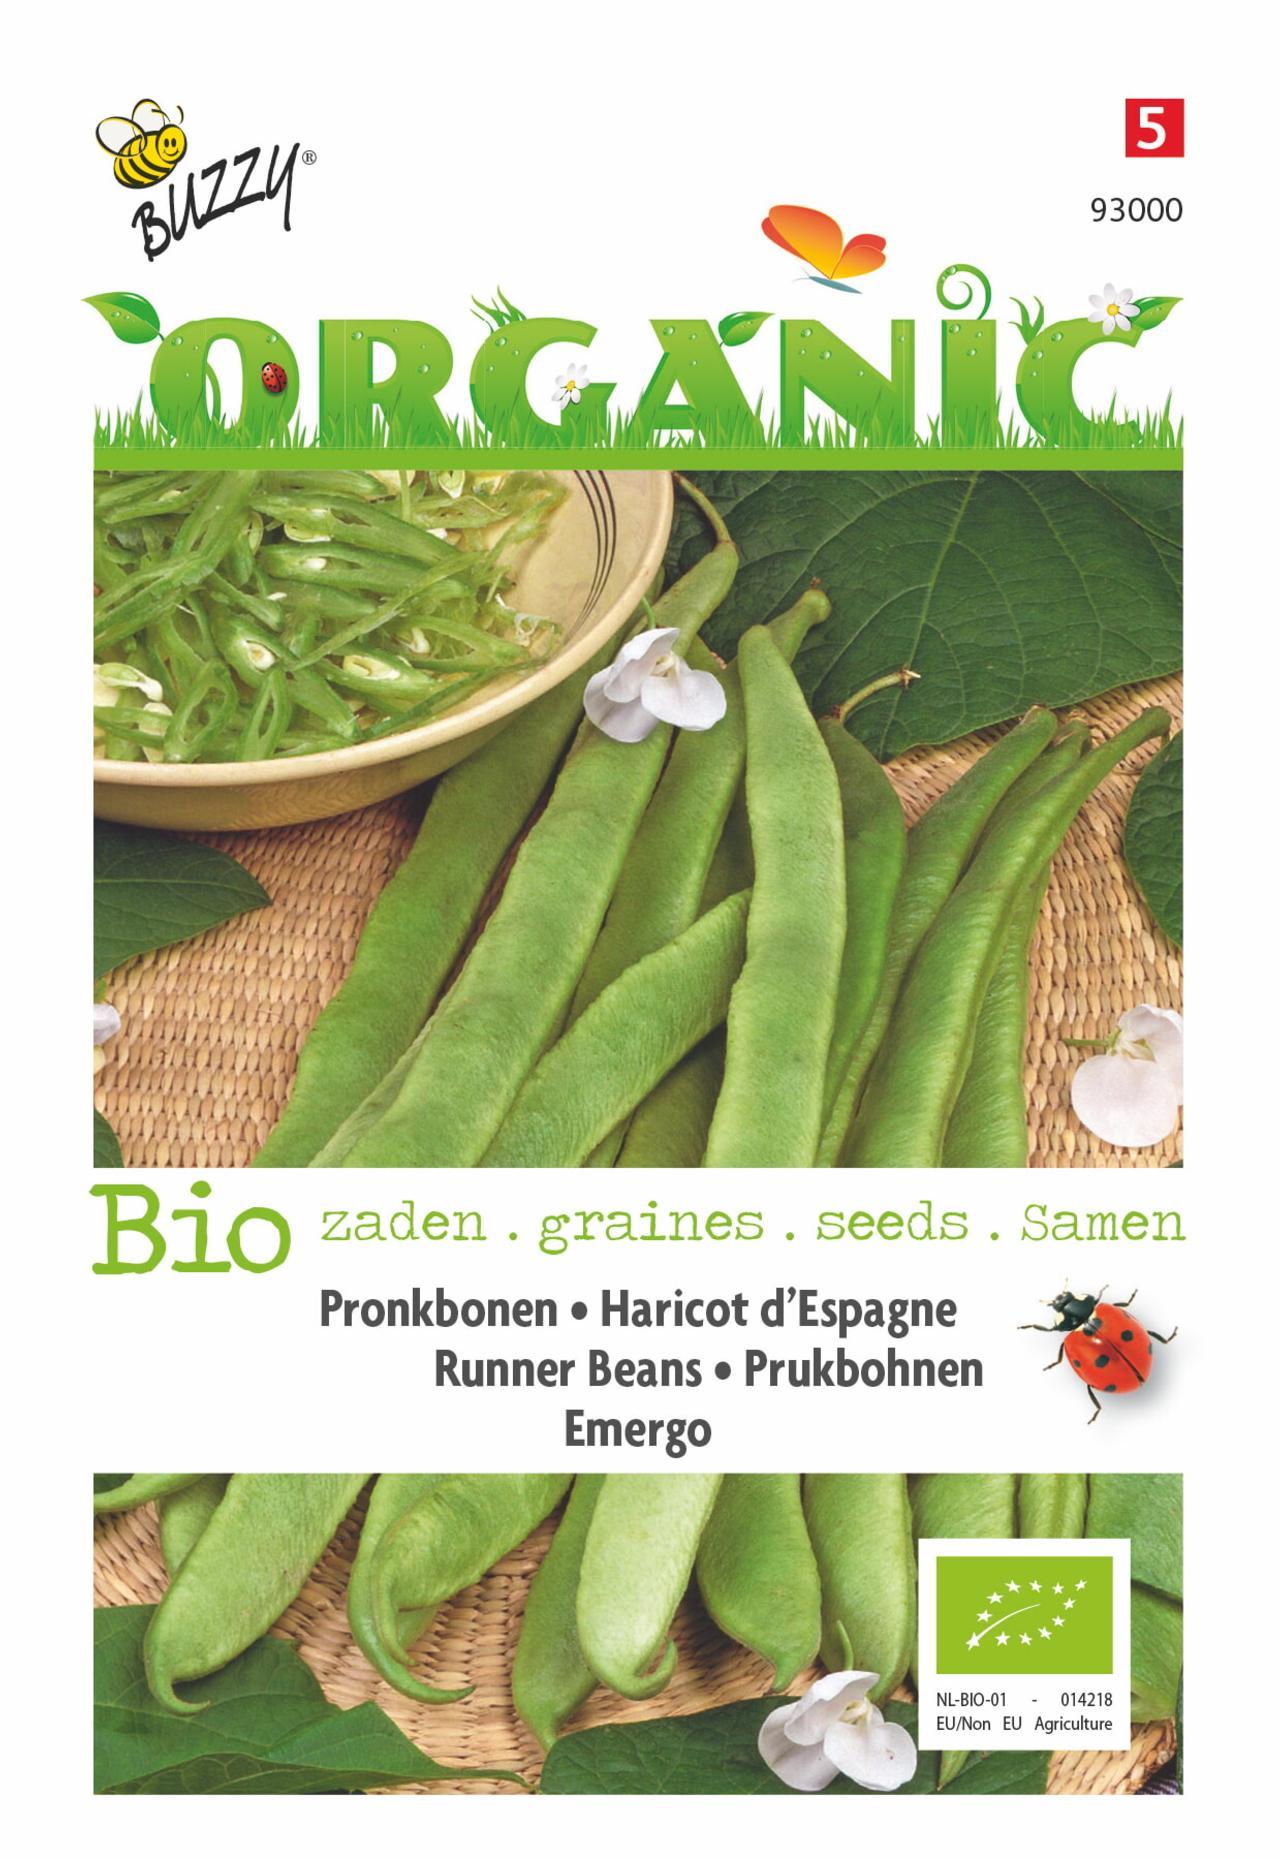 Phaseolus coccineus 'Emergo' (BIO) plant